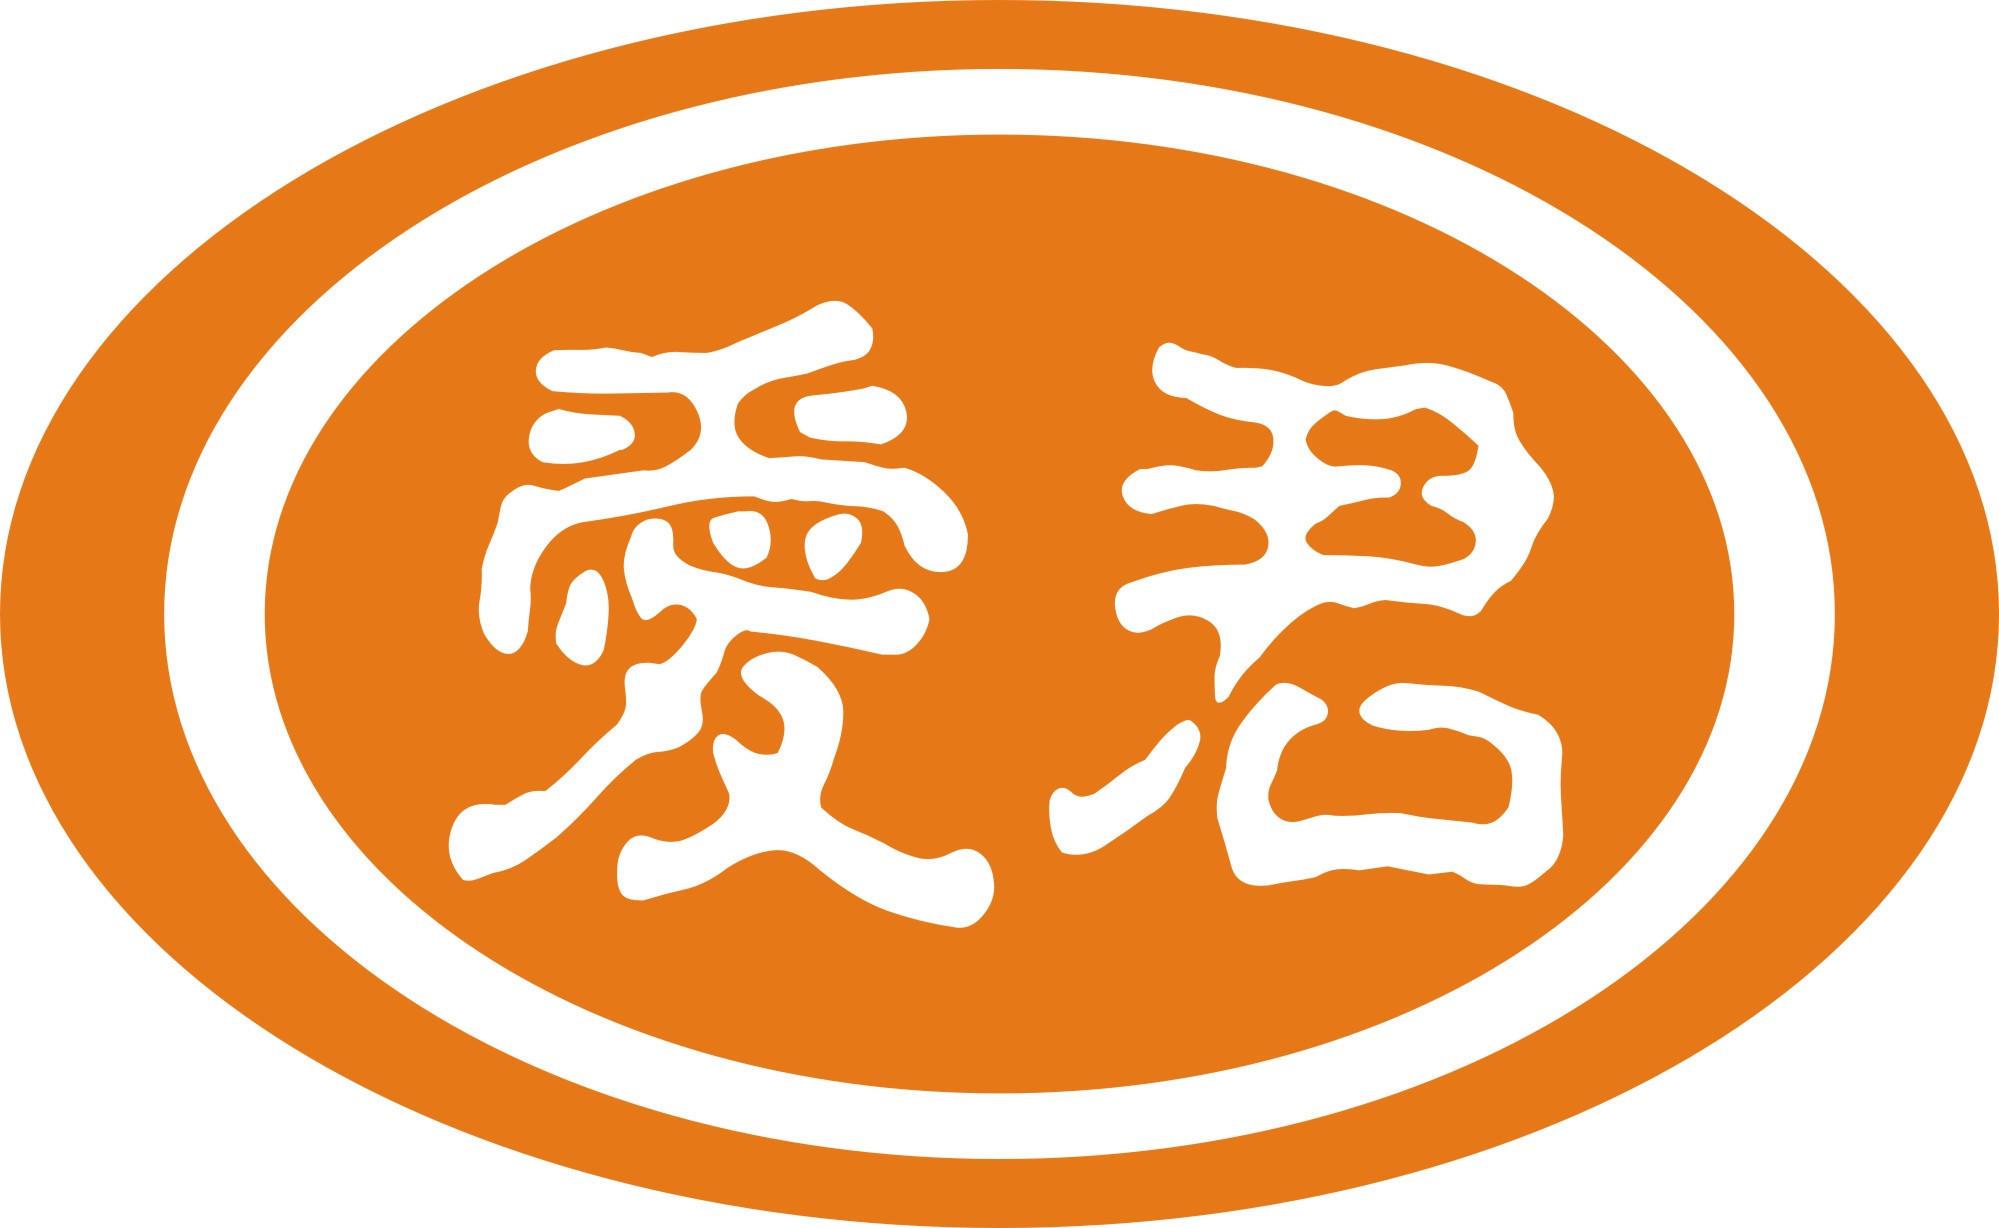 logo logo 标志 设计 矢量 矢量图 素材 图标 1999_1228